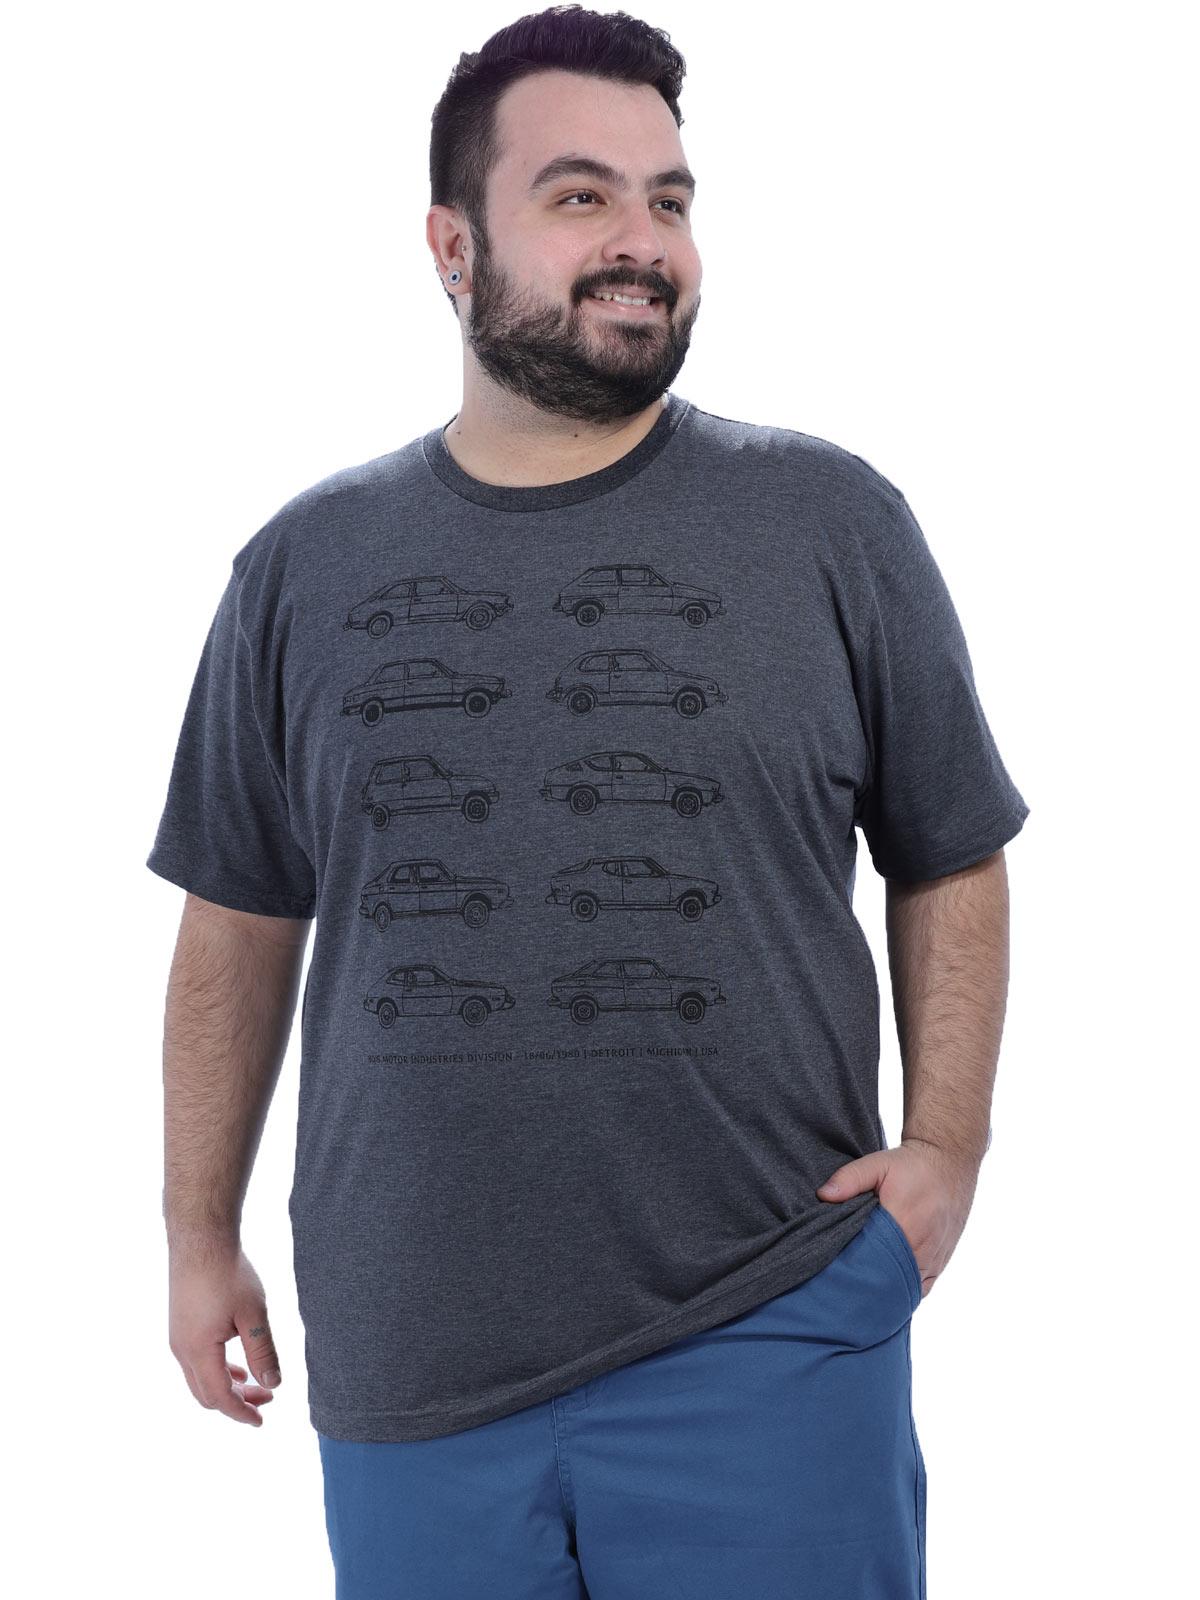 Camiseta Plus Size Masculino Carros Anistia Mescla